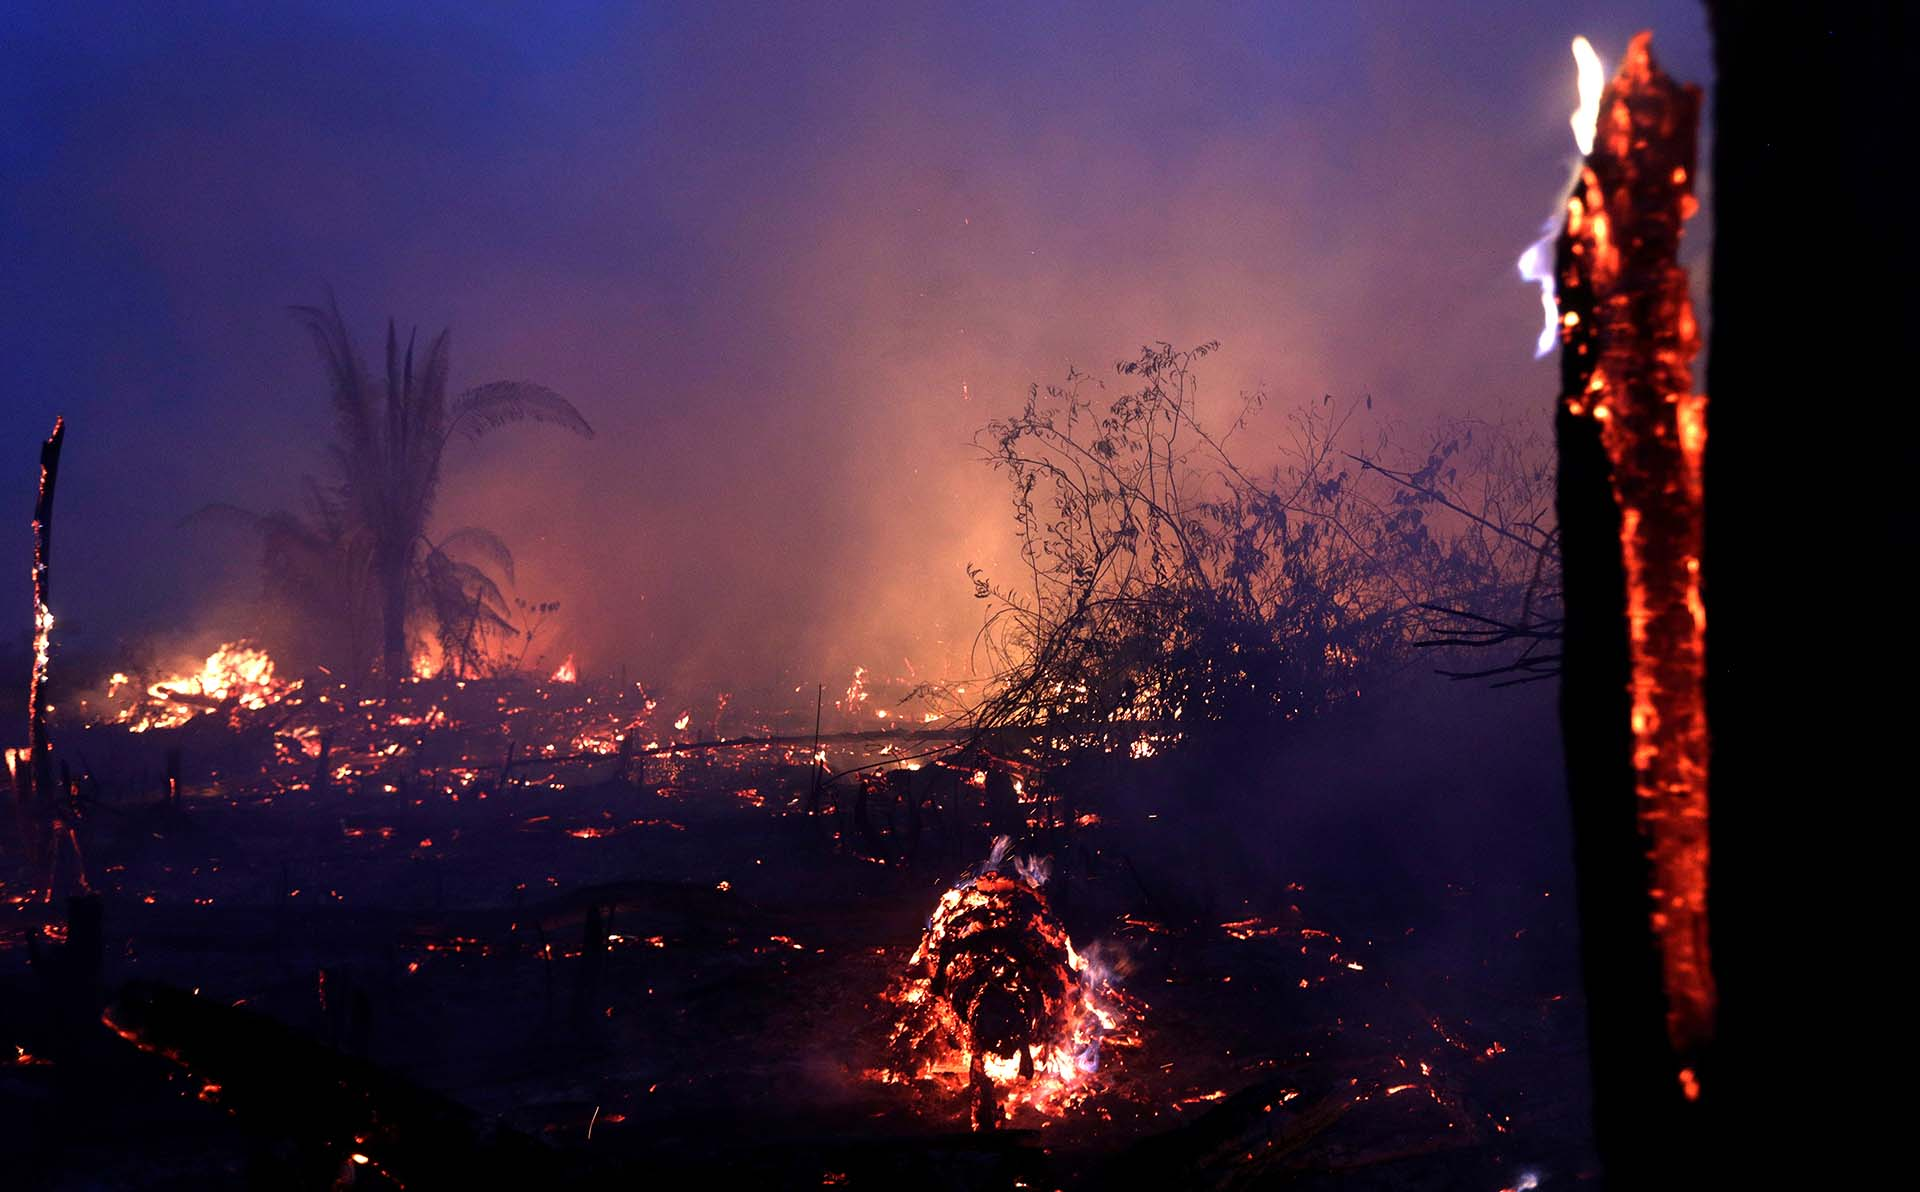 El fuego se propagó en Machadinho do Oeste, estado de Rondonia, en la parte brasileña del Amazonas